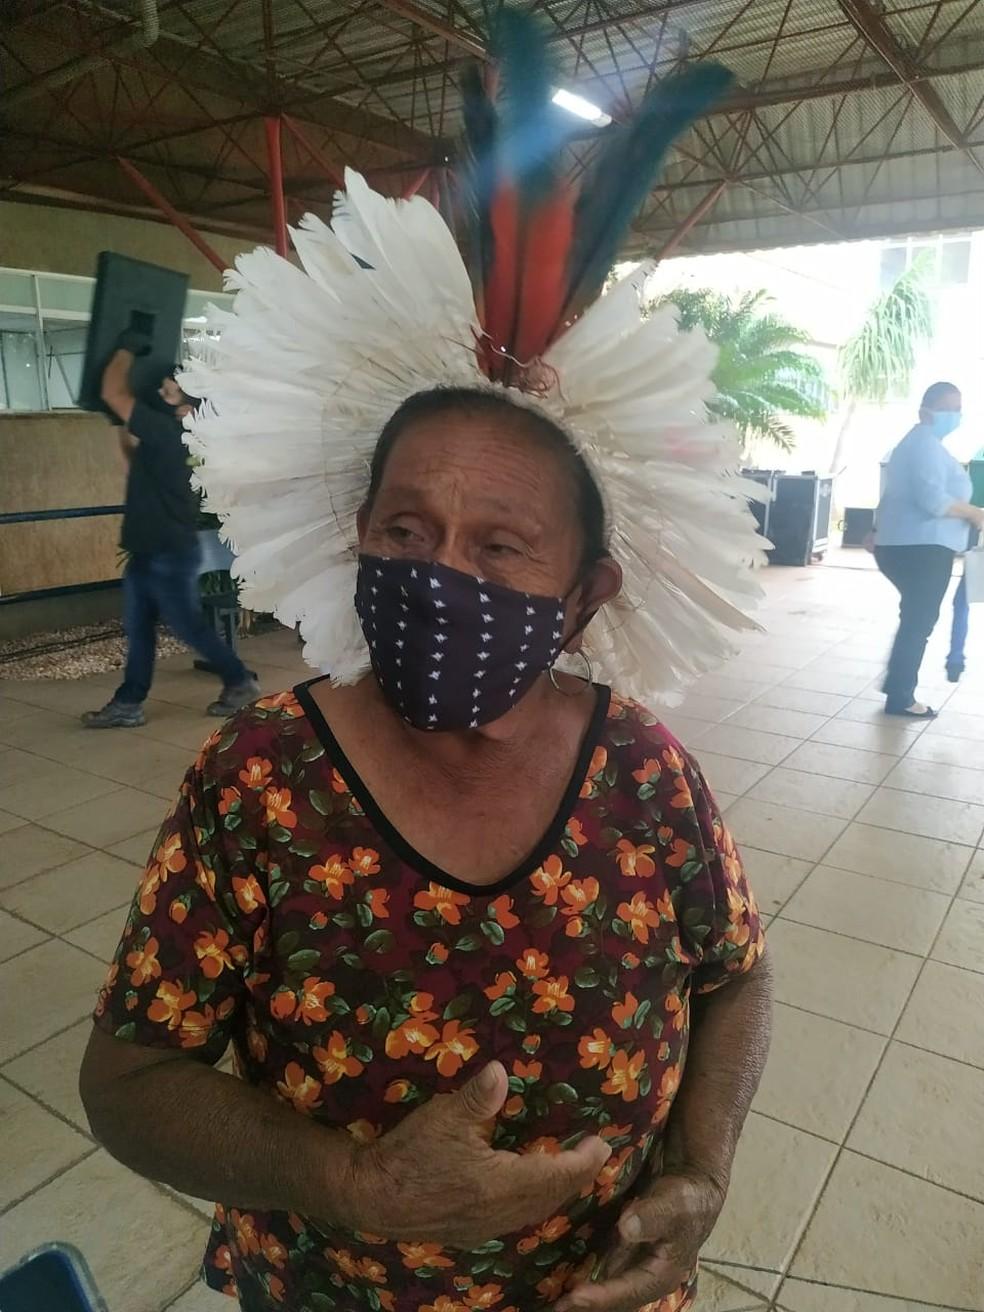 Domingas da Silva, indígena da etnia Terena de 91 anos, foi uma das três primeiras pessoas a receber vacina contra Covid-19 em MS — Foto: TV Morena/Reprodução